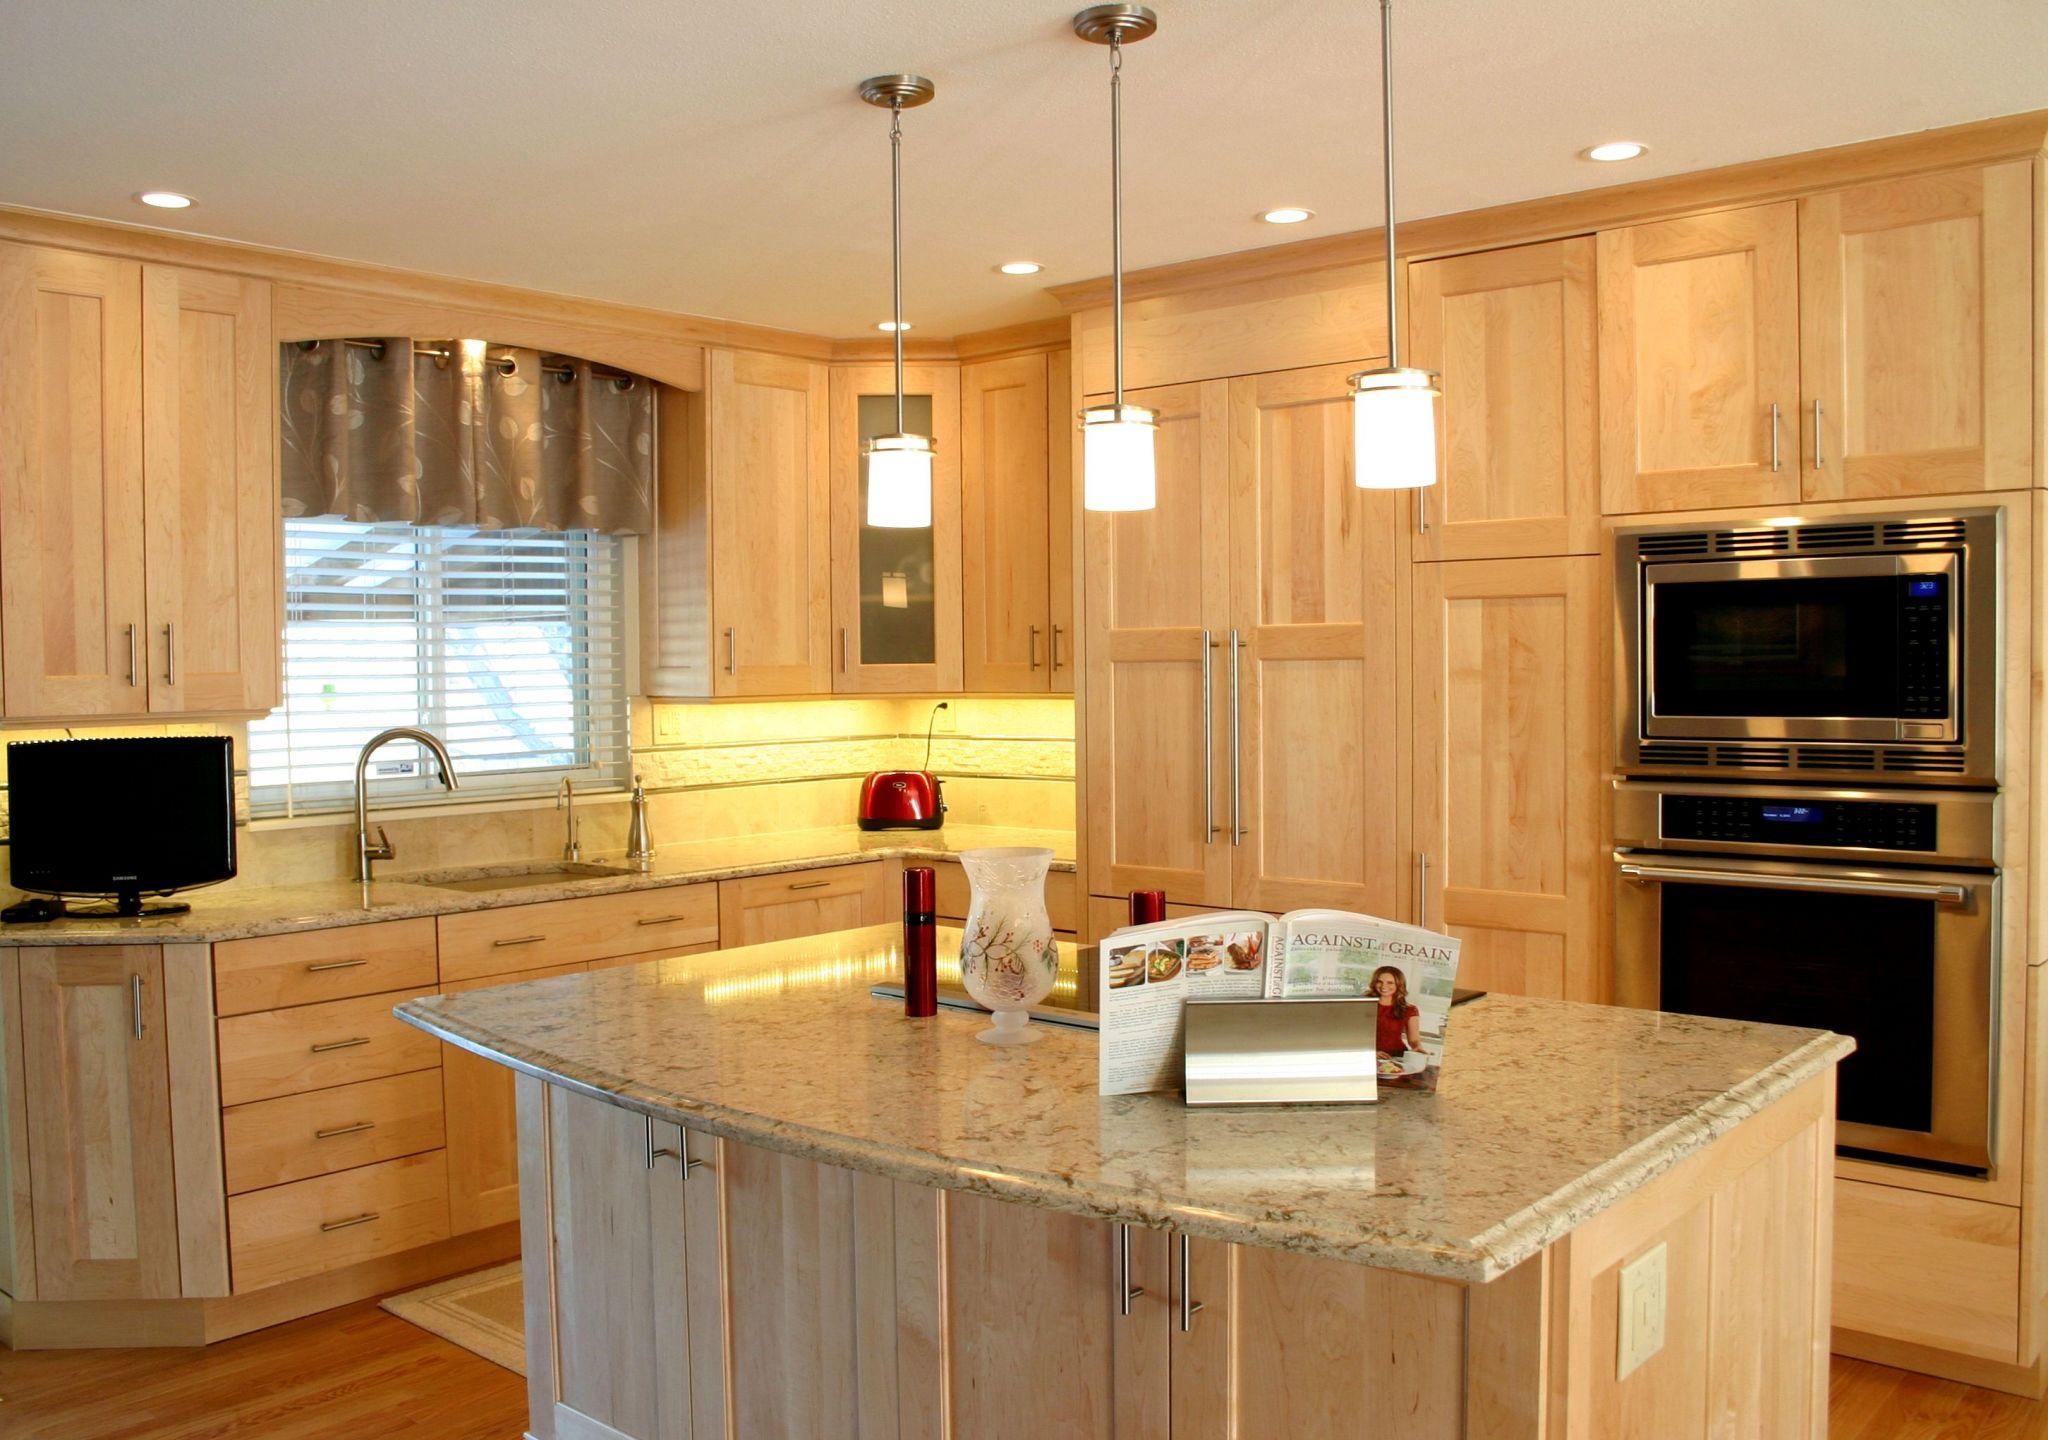 BKC Kitchen  Bath  Kitchen Remodel Portfolio